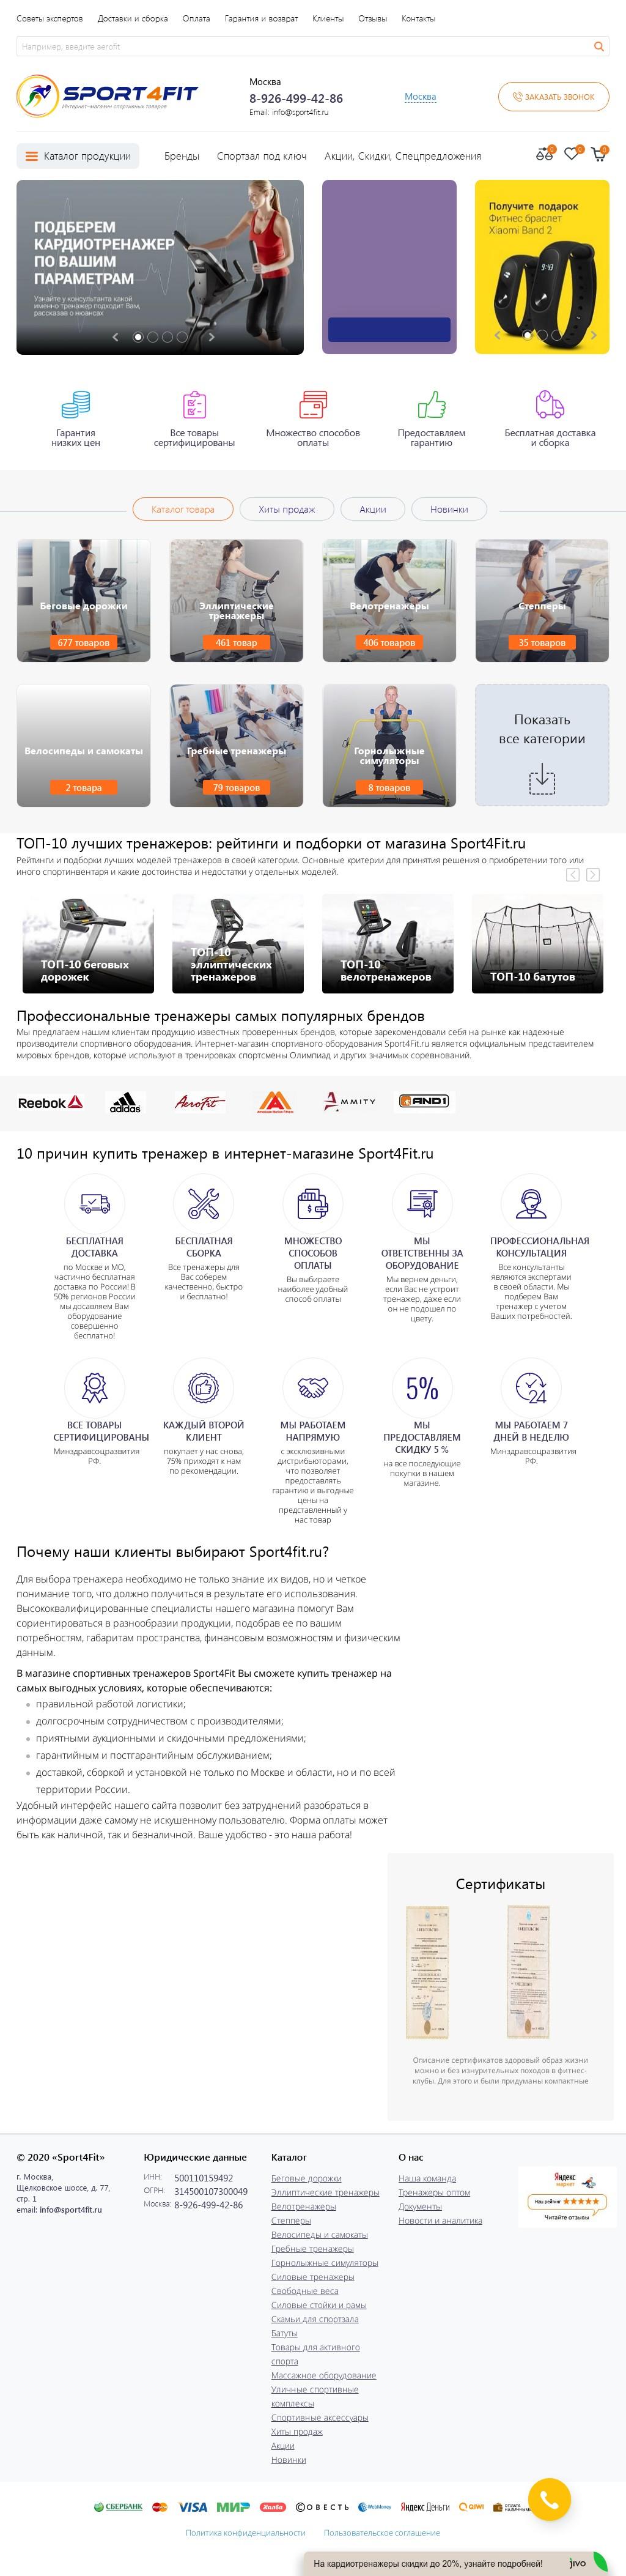 """""""Sport4fit"""" - интернет-магазин спортивных товаров 1C-Bitrix"""